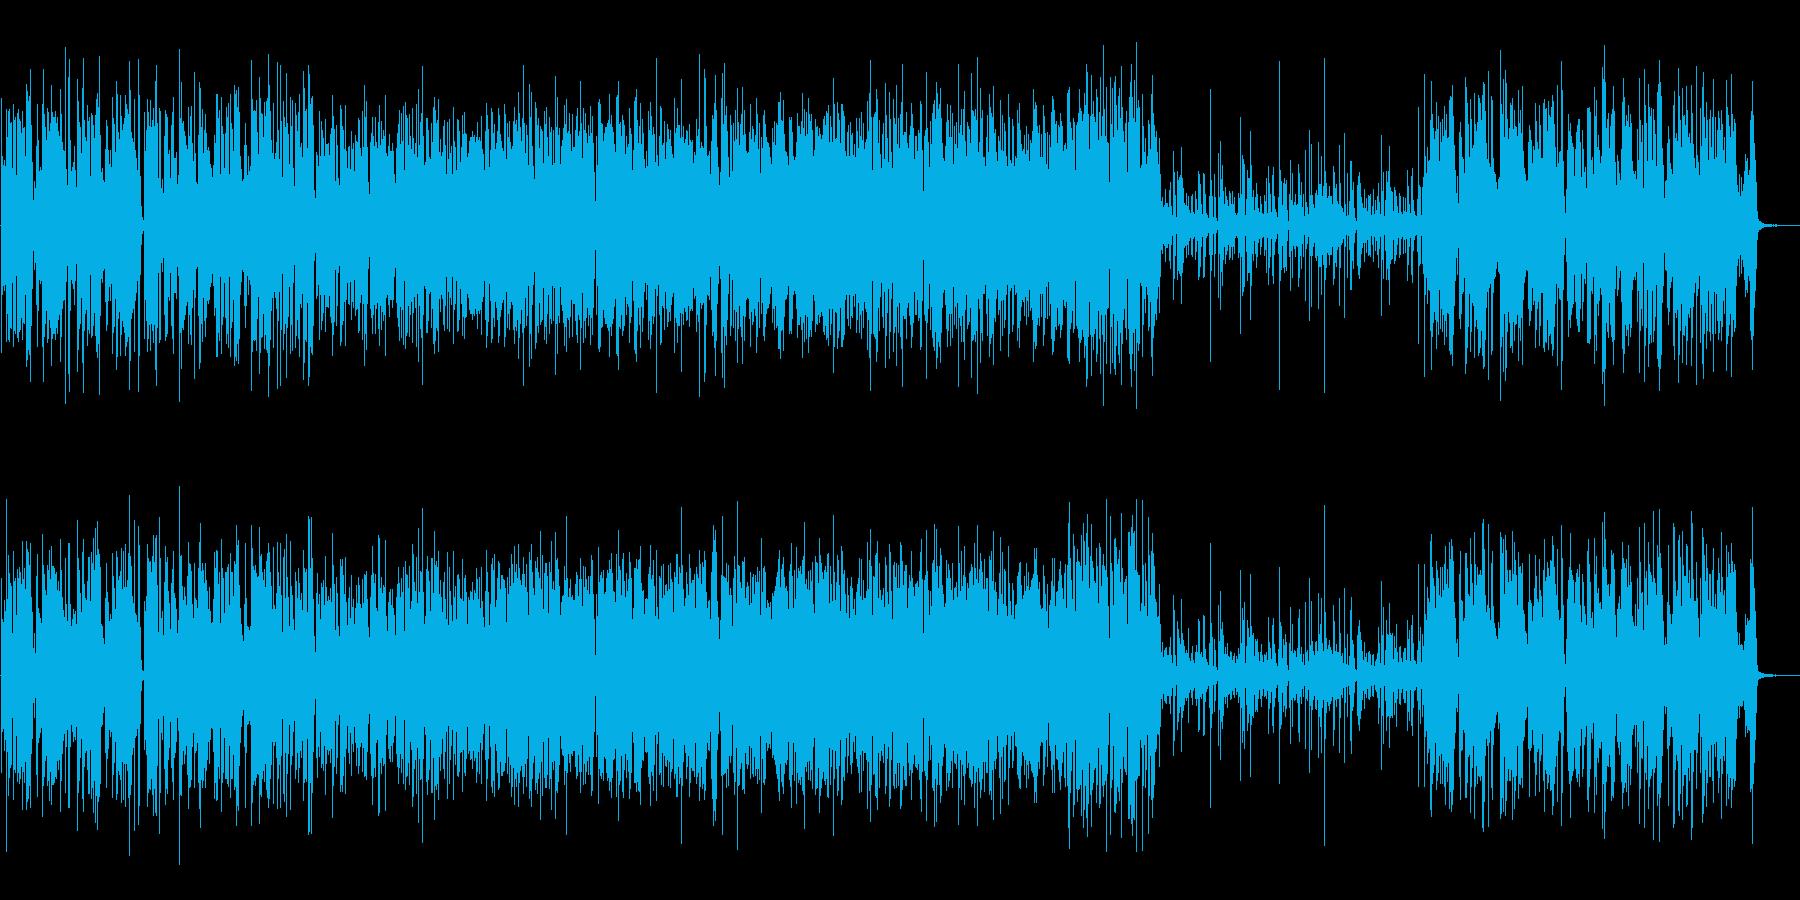 アップテンポのジャズ(ピアノトリオ)の再生済みの波形